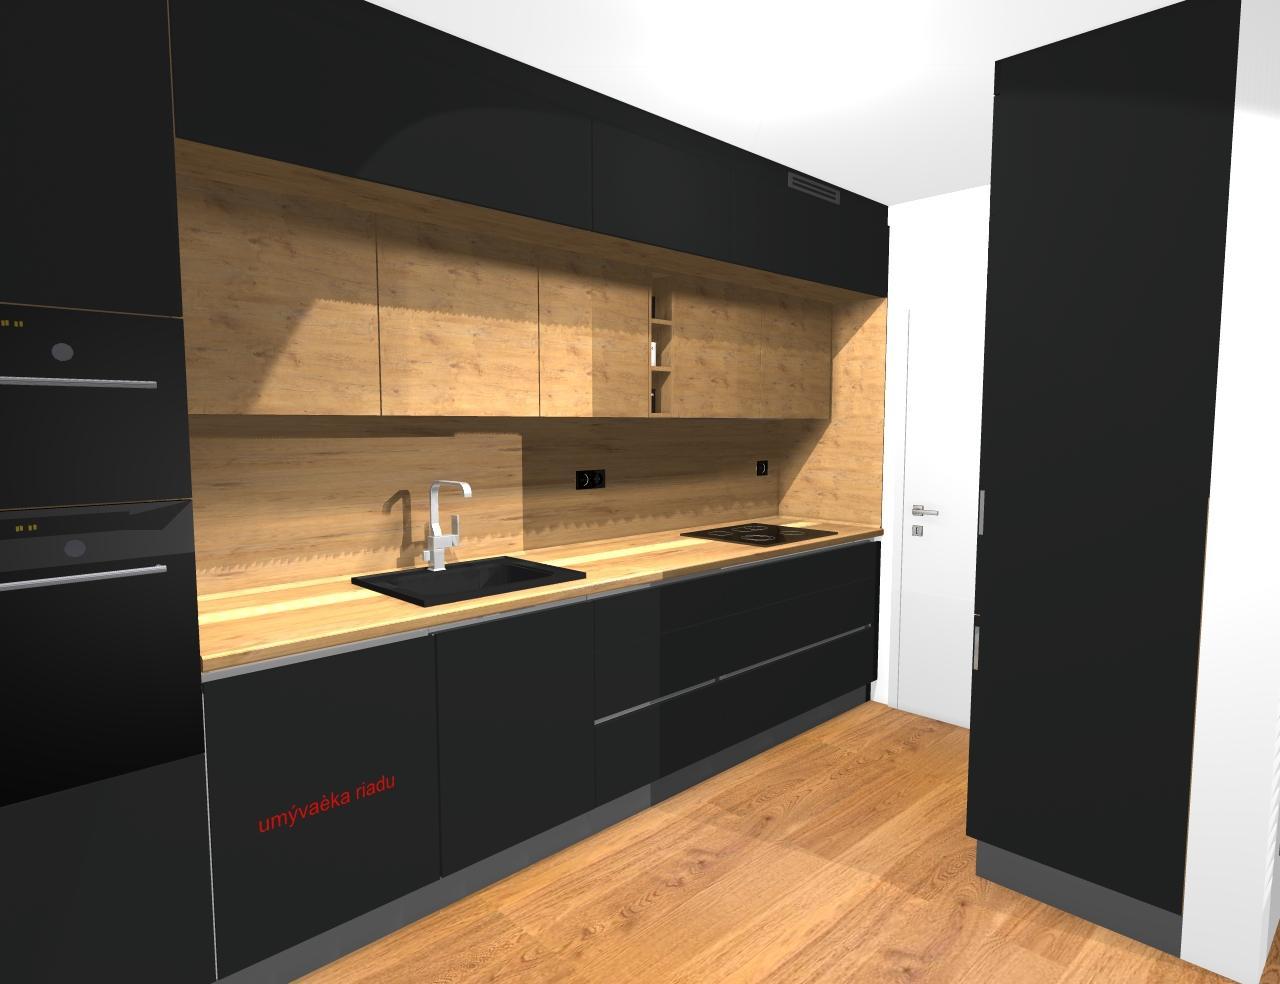 Grafické návrhy kuchynských liniek 2019 - Grafický návrh kuchyne a Tv steny do paneláku v BB - obr.4